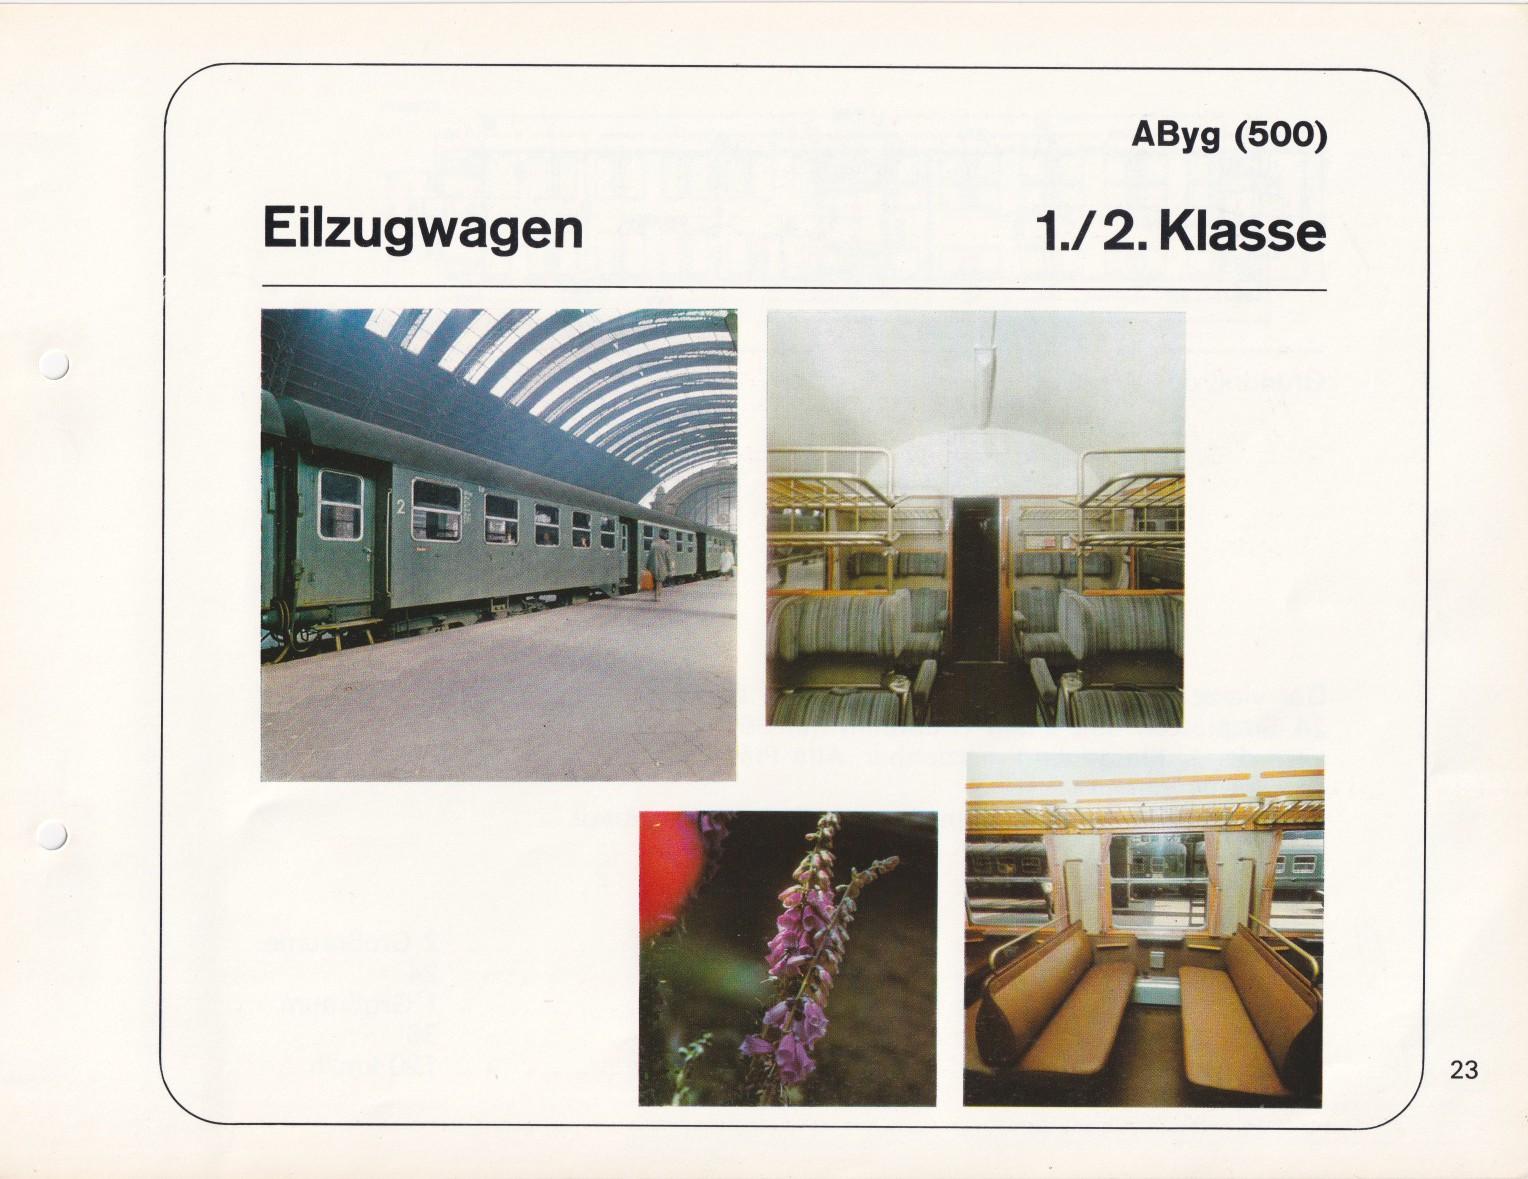 https://www.nullclub.de/hifo/Fahrzeuglexikon/Wagen23a.jpg